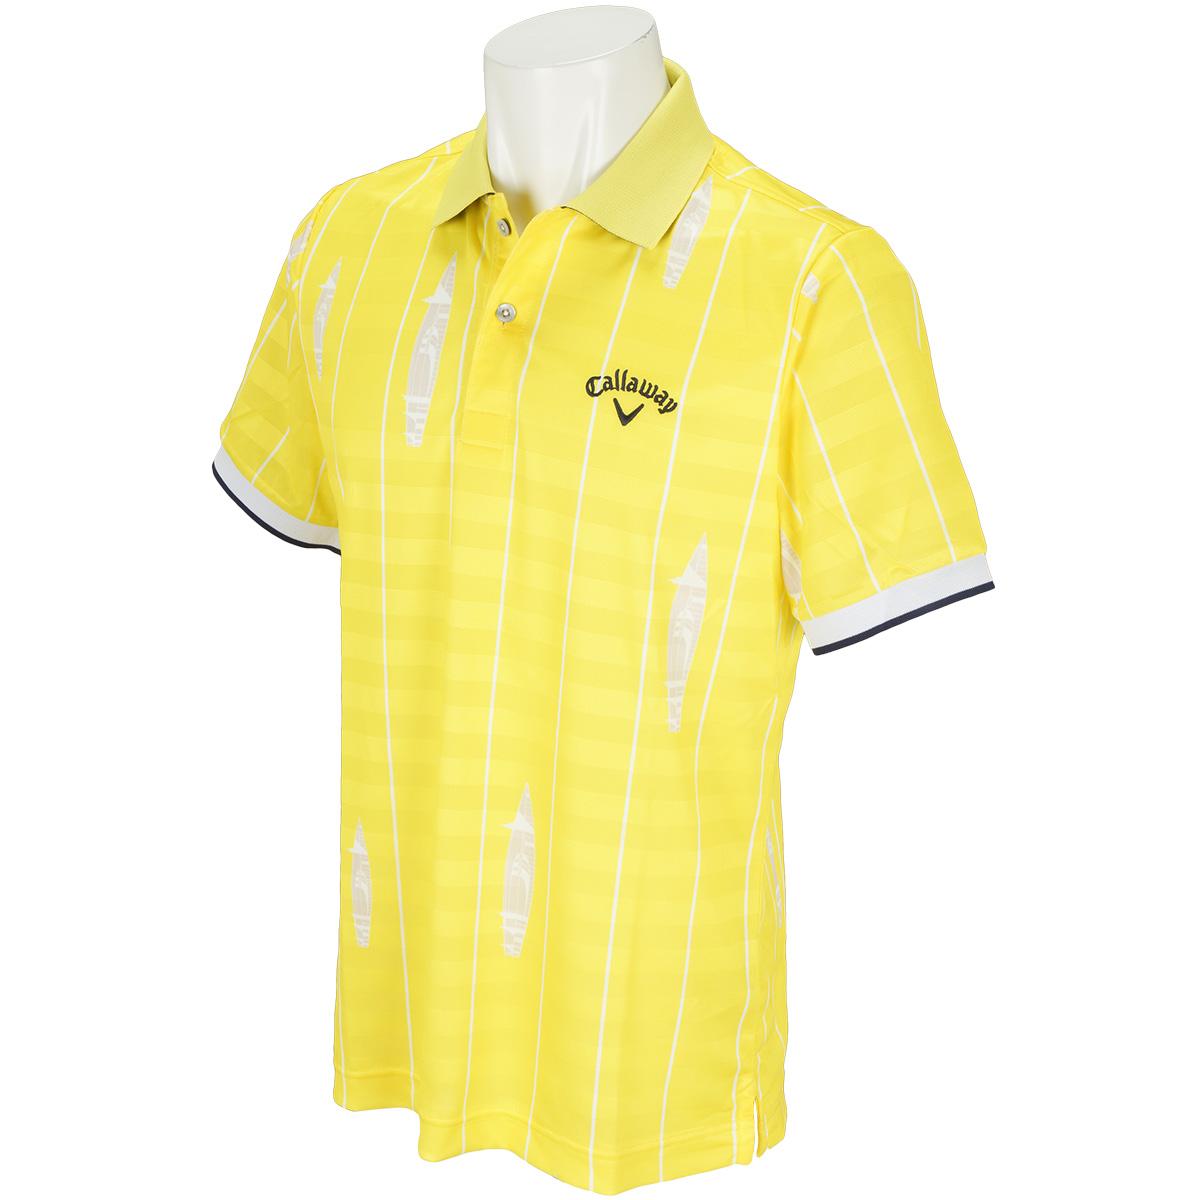 ストライププリントボーダー半袖ポロシャツ